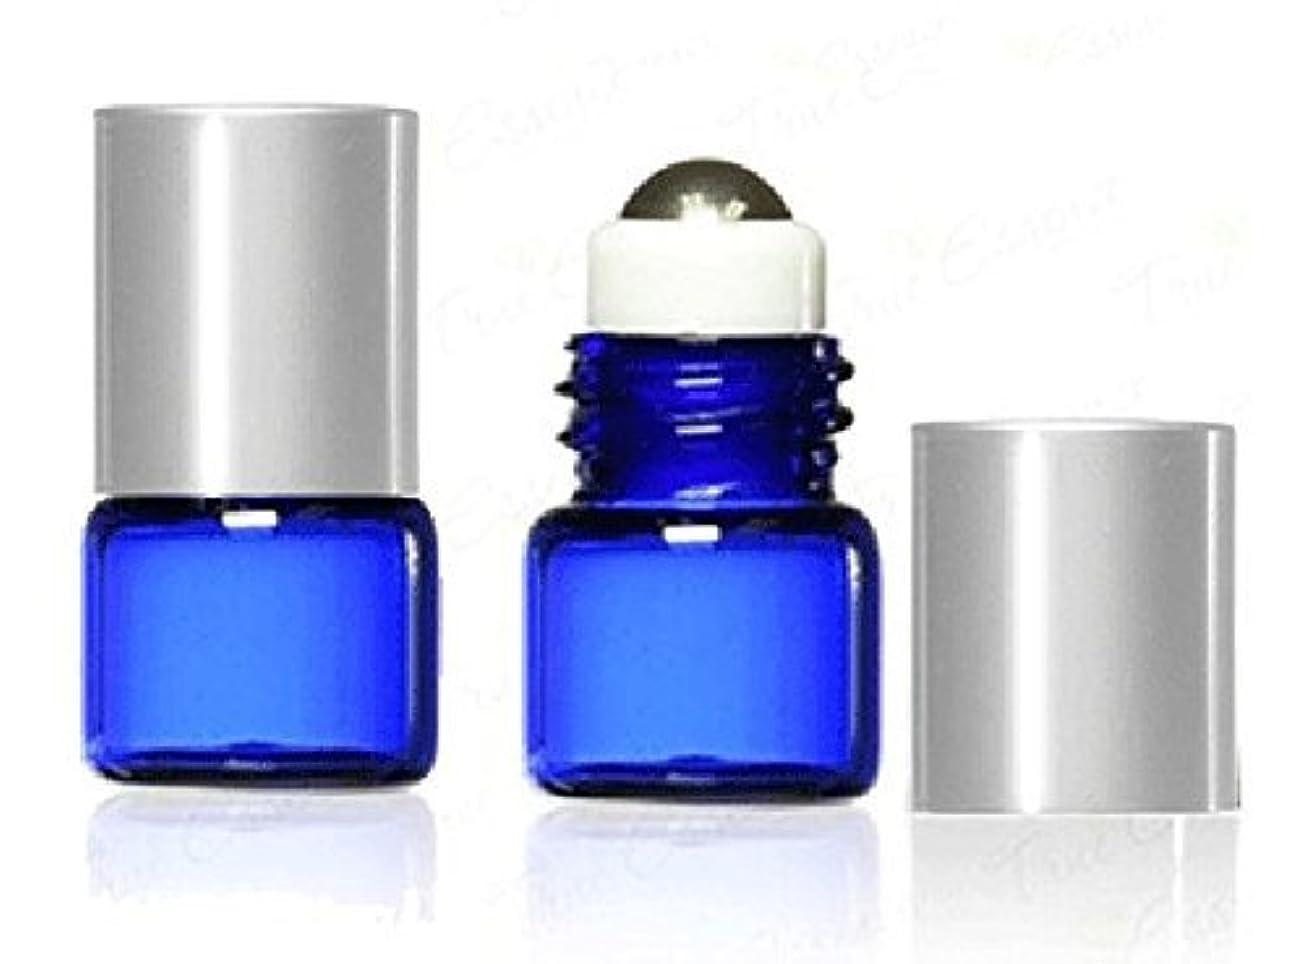 時々誕生日バンドGrand Parfums 1 ml, 1/4 Dram Cobalt Blue Glass Micro Mini 1ml Roll-on Glass Bottles with Metal Roller Balls & Metal Silver Caps. - Refillable Aromatherapy Essential Oil Roll On (12) [並行輸入品]